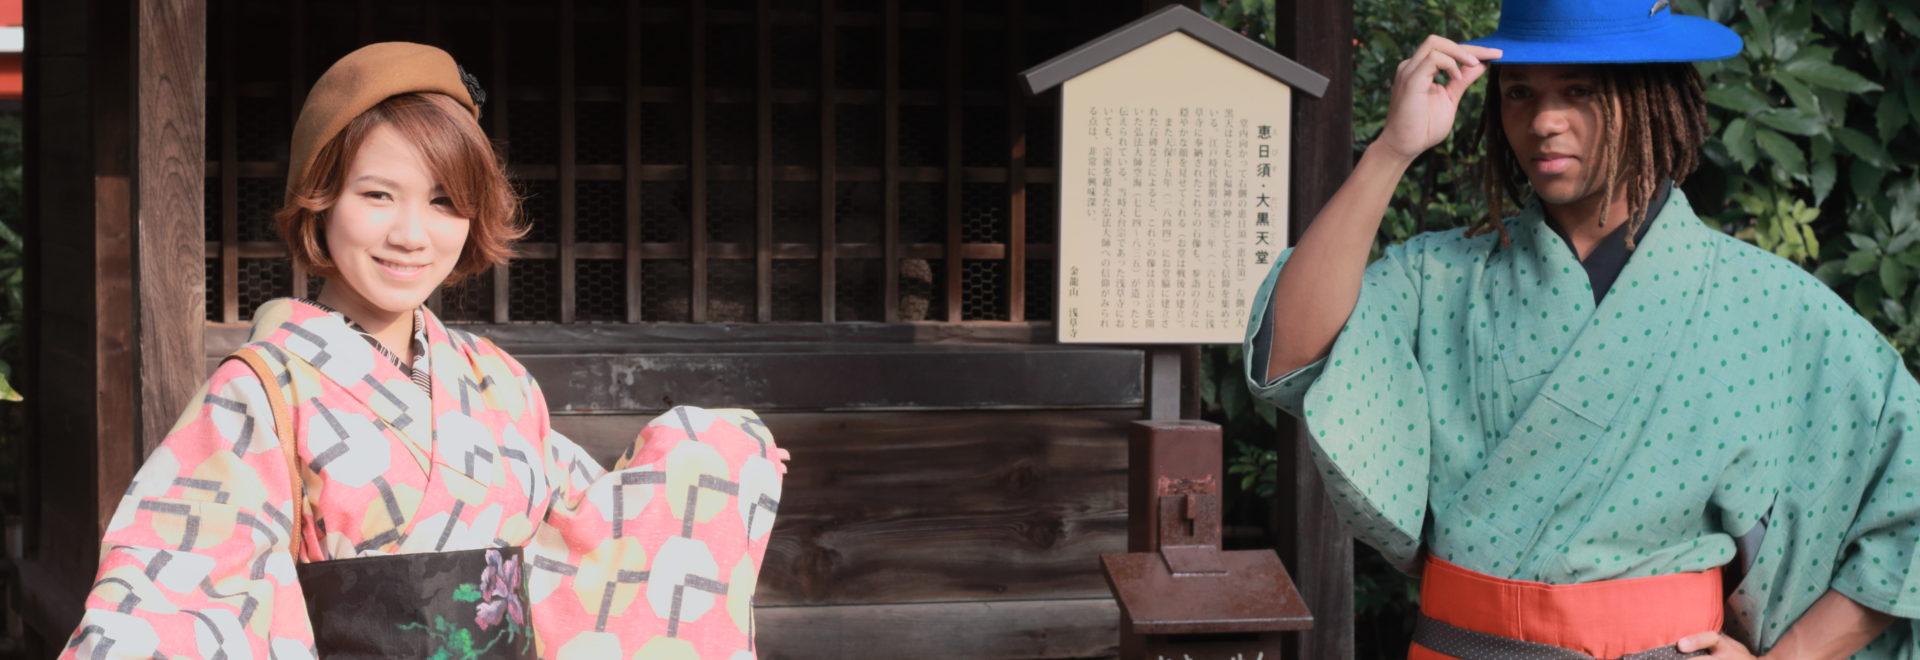 カテゴリー: ネオKIMONO撮影